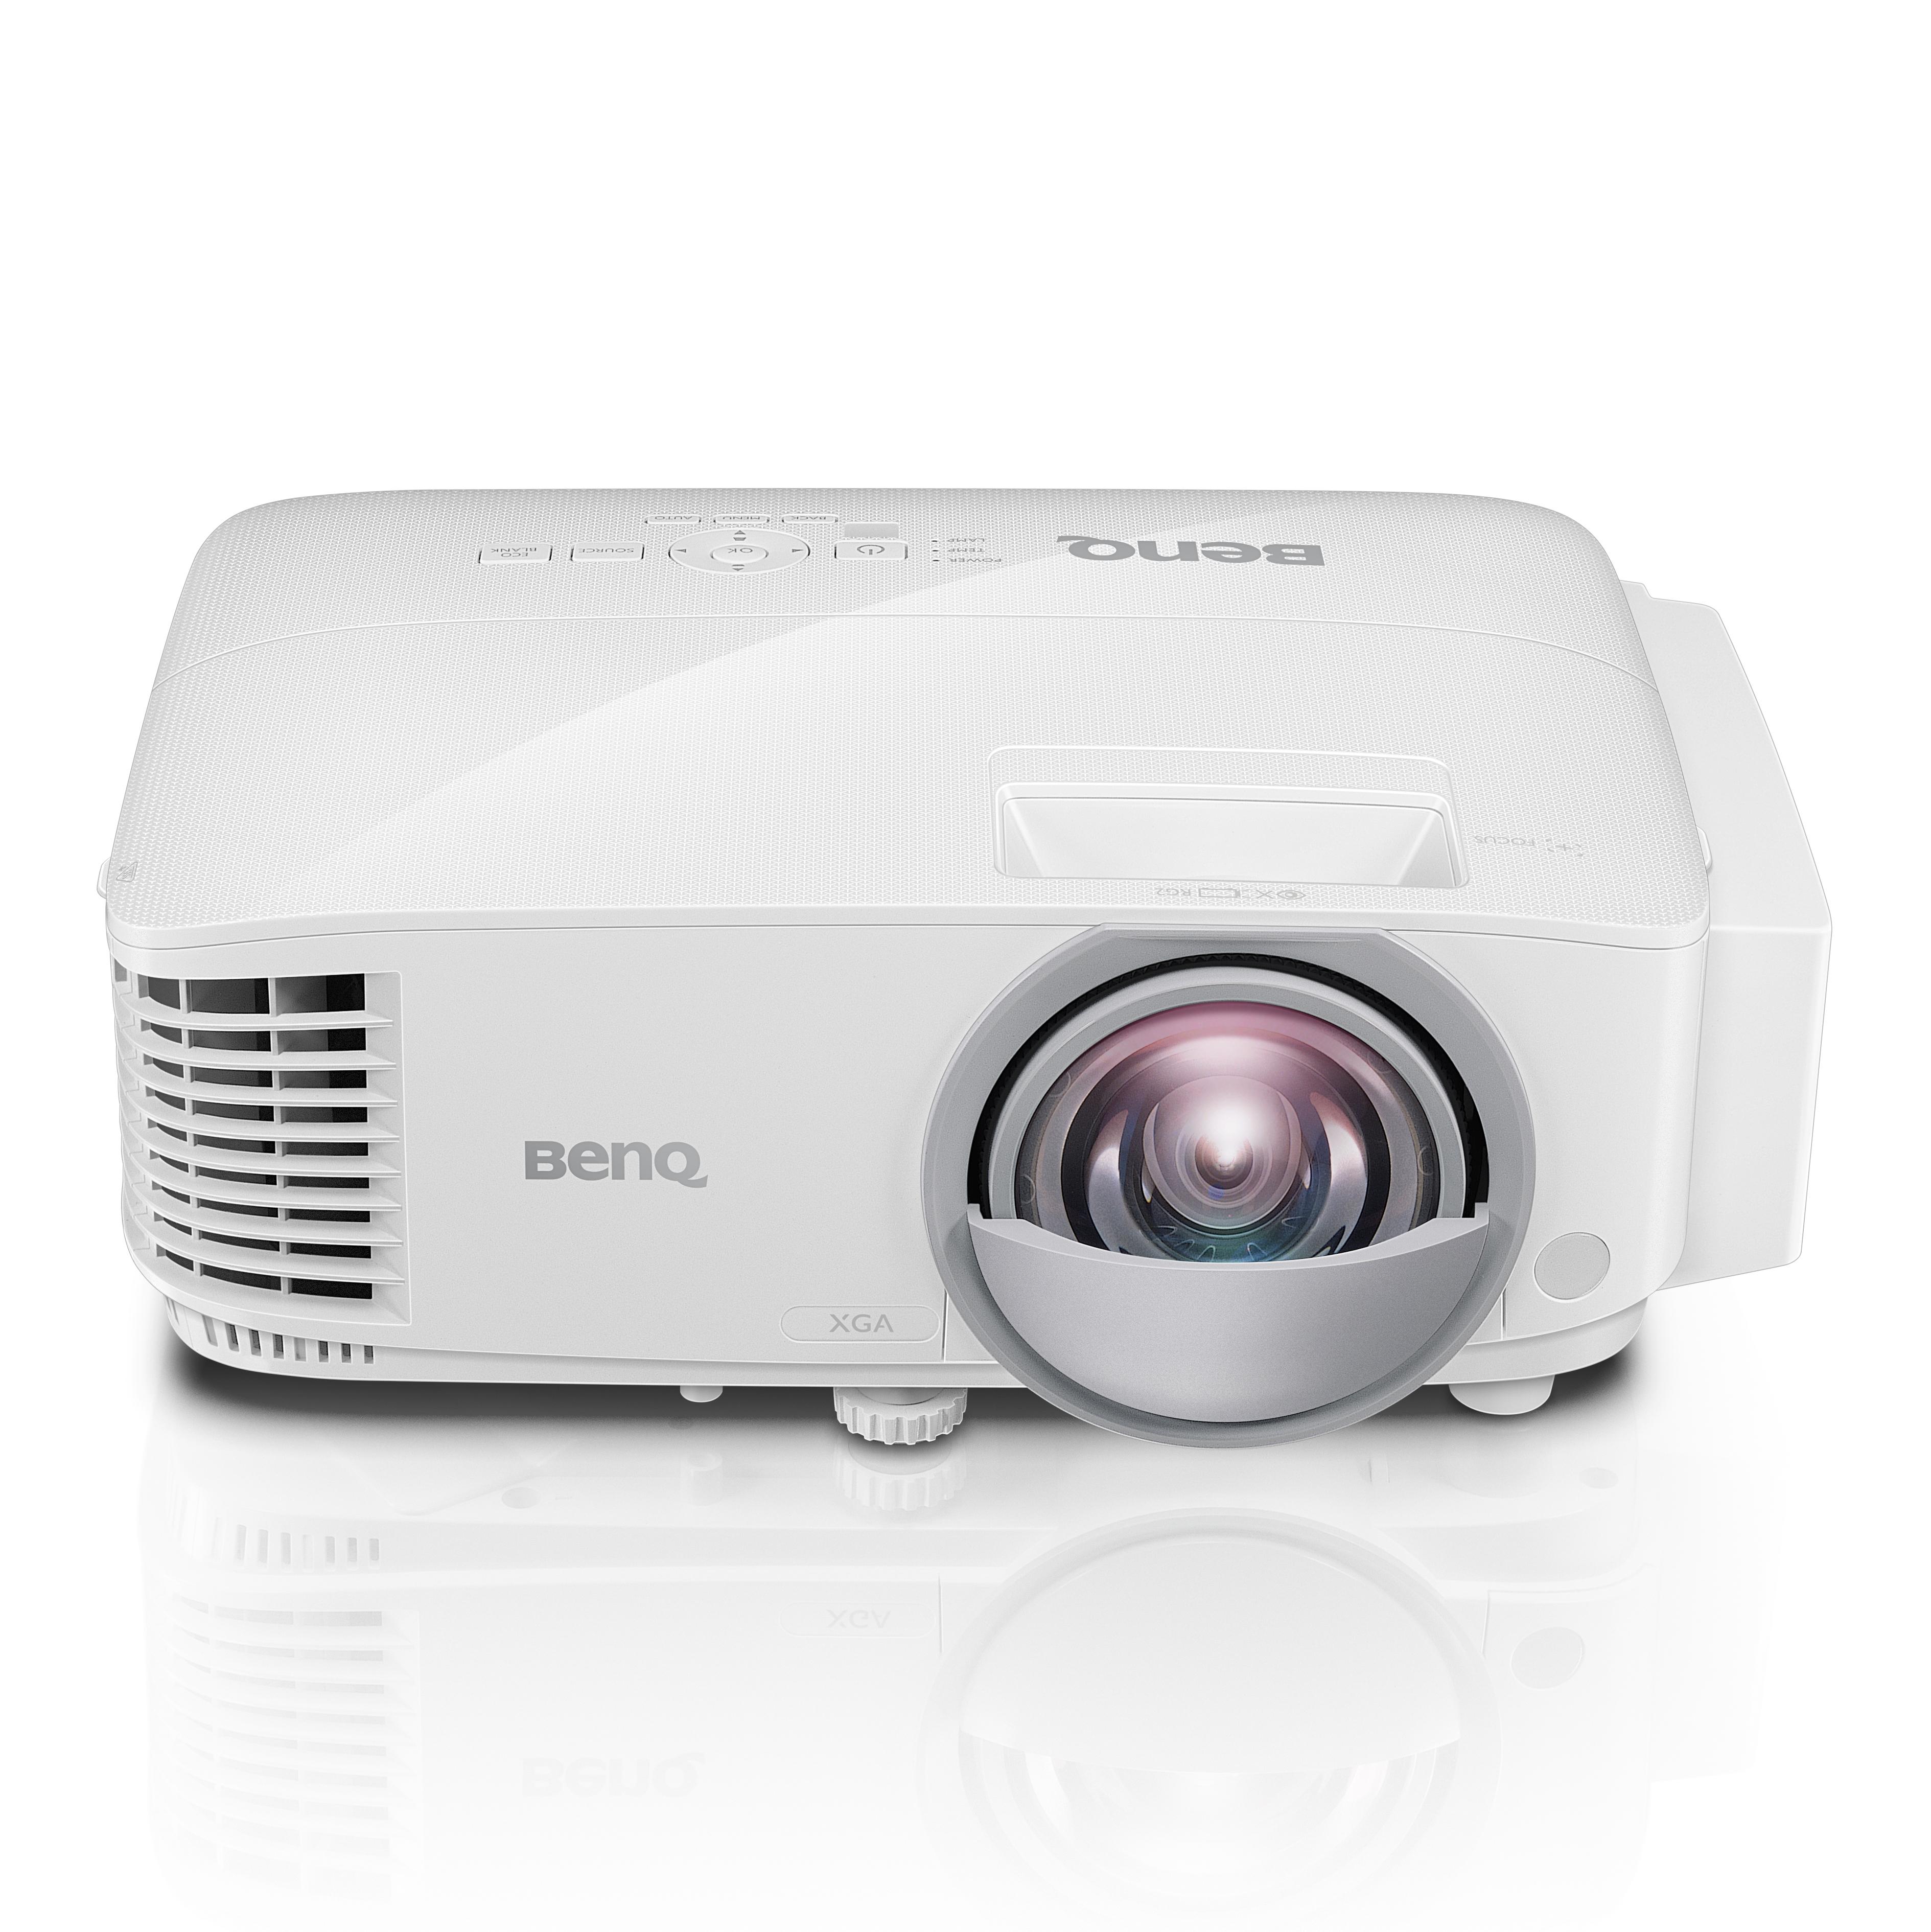 av projectors, benq, projectors, dx807st, dx808st, mw826st, mw855ust, mh856ust, mw864ust, dustproof